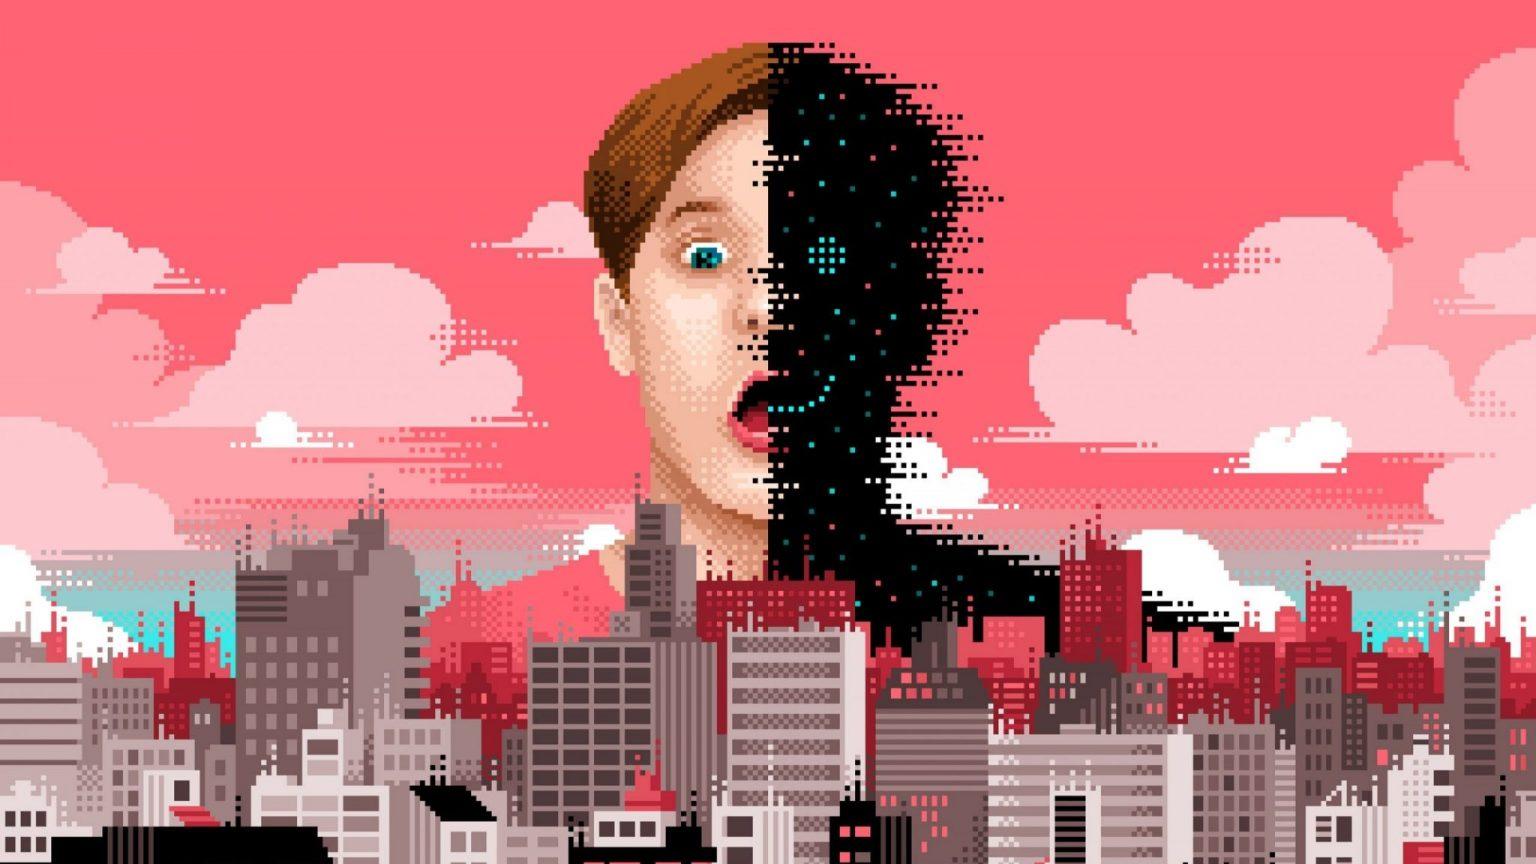 Un personnage pixellisé, face à une ville faite entièrement de pixels © Laurent Bazart / EPFL 2021